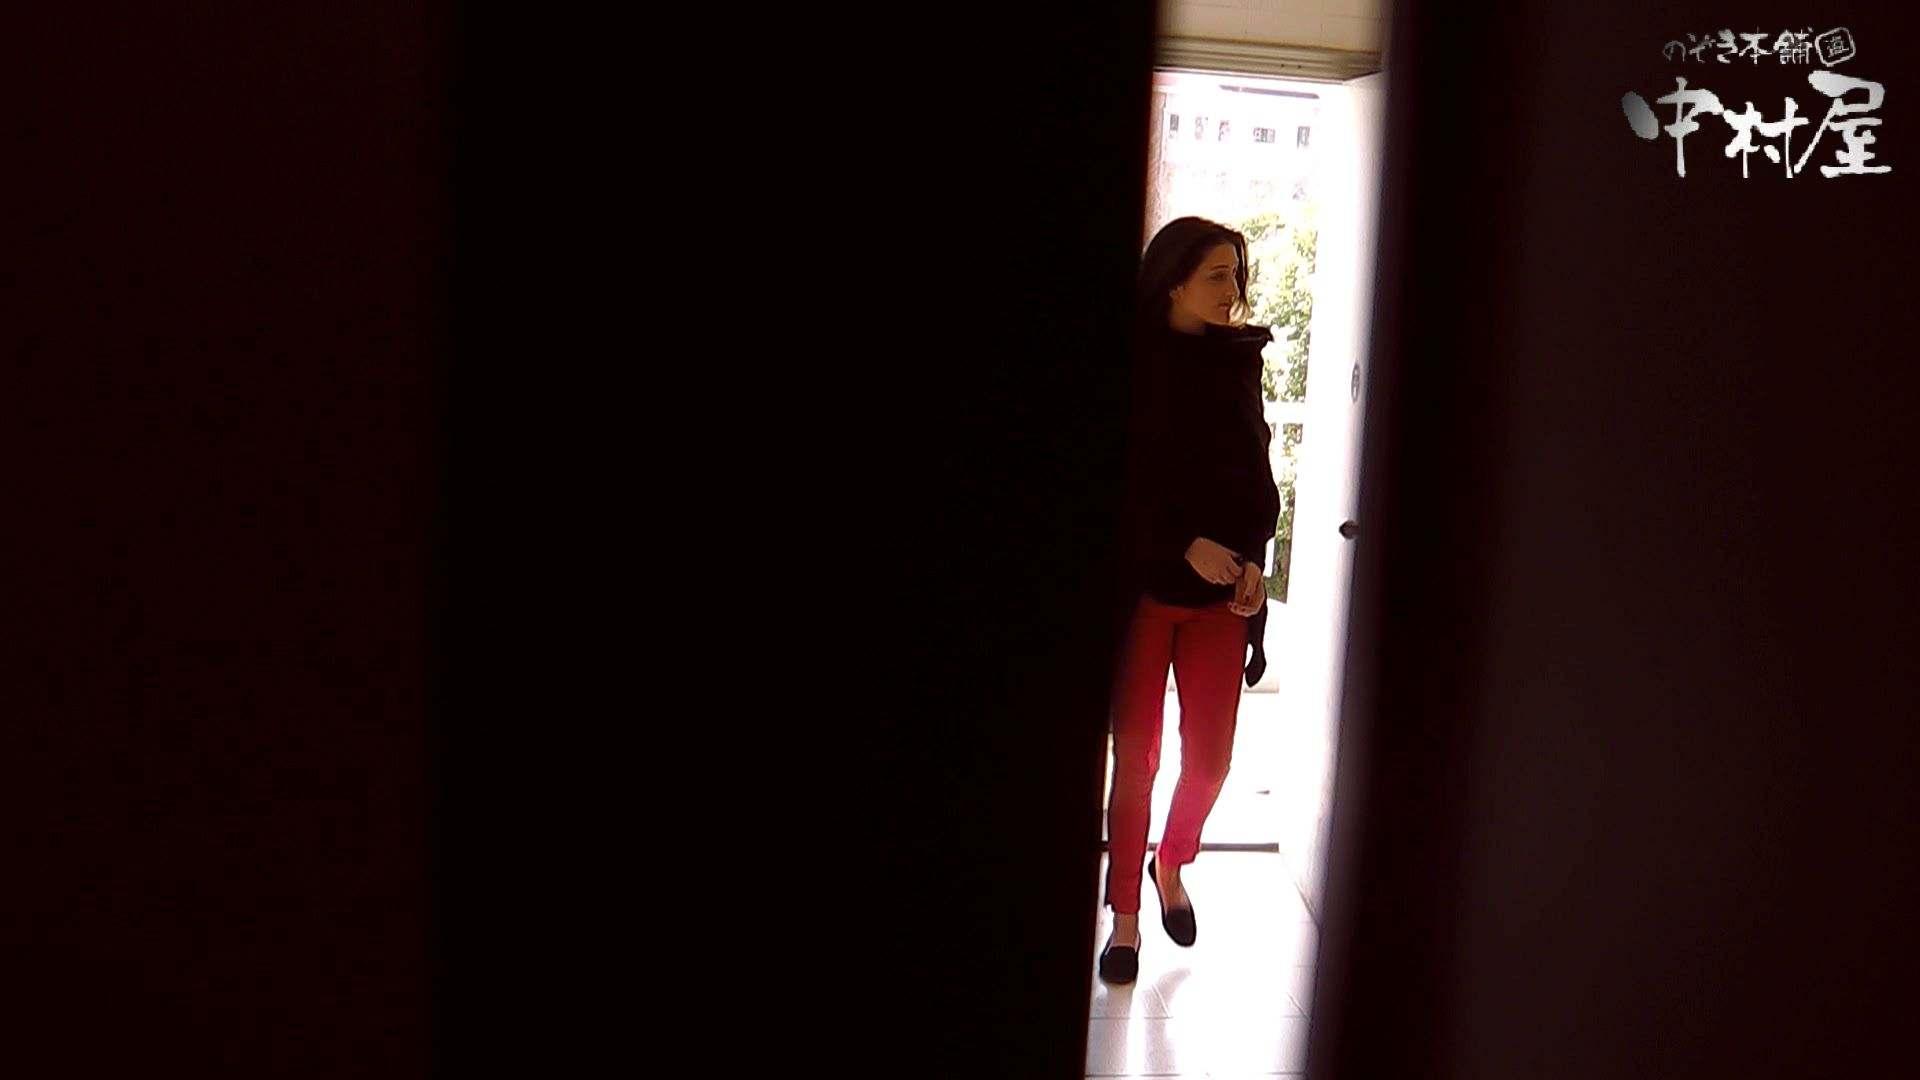 【世界の射窓から】世界の射窓から vol.4後編 OLエロ画像   洗面所  77PICs 45